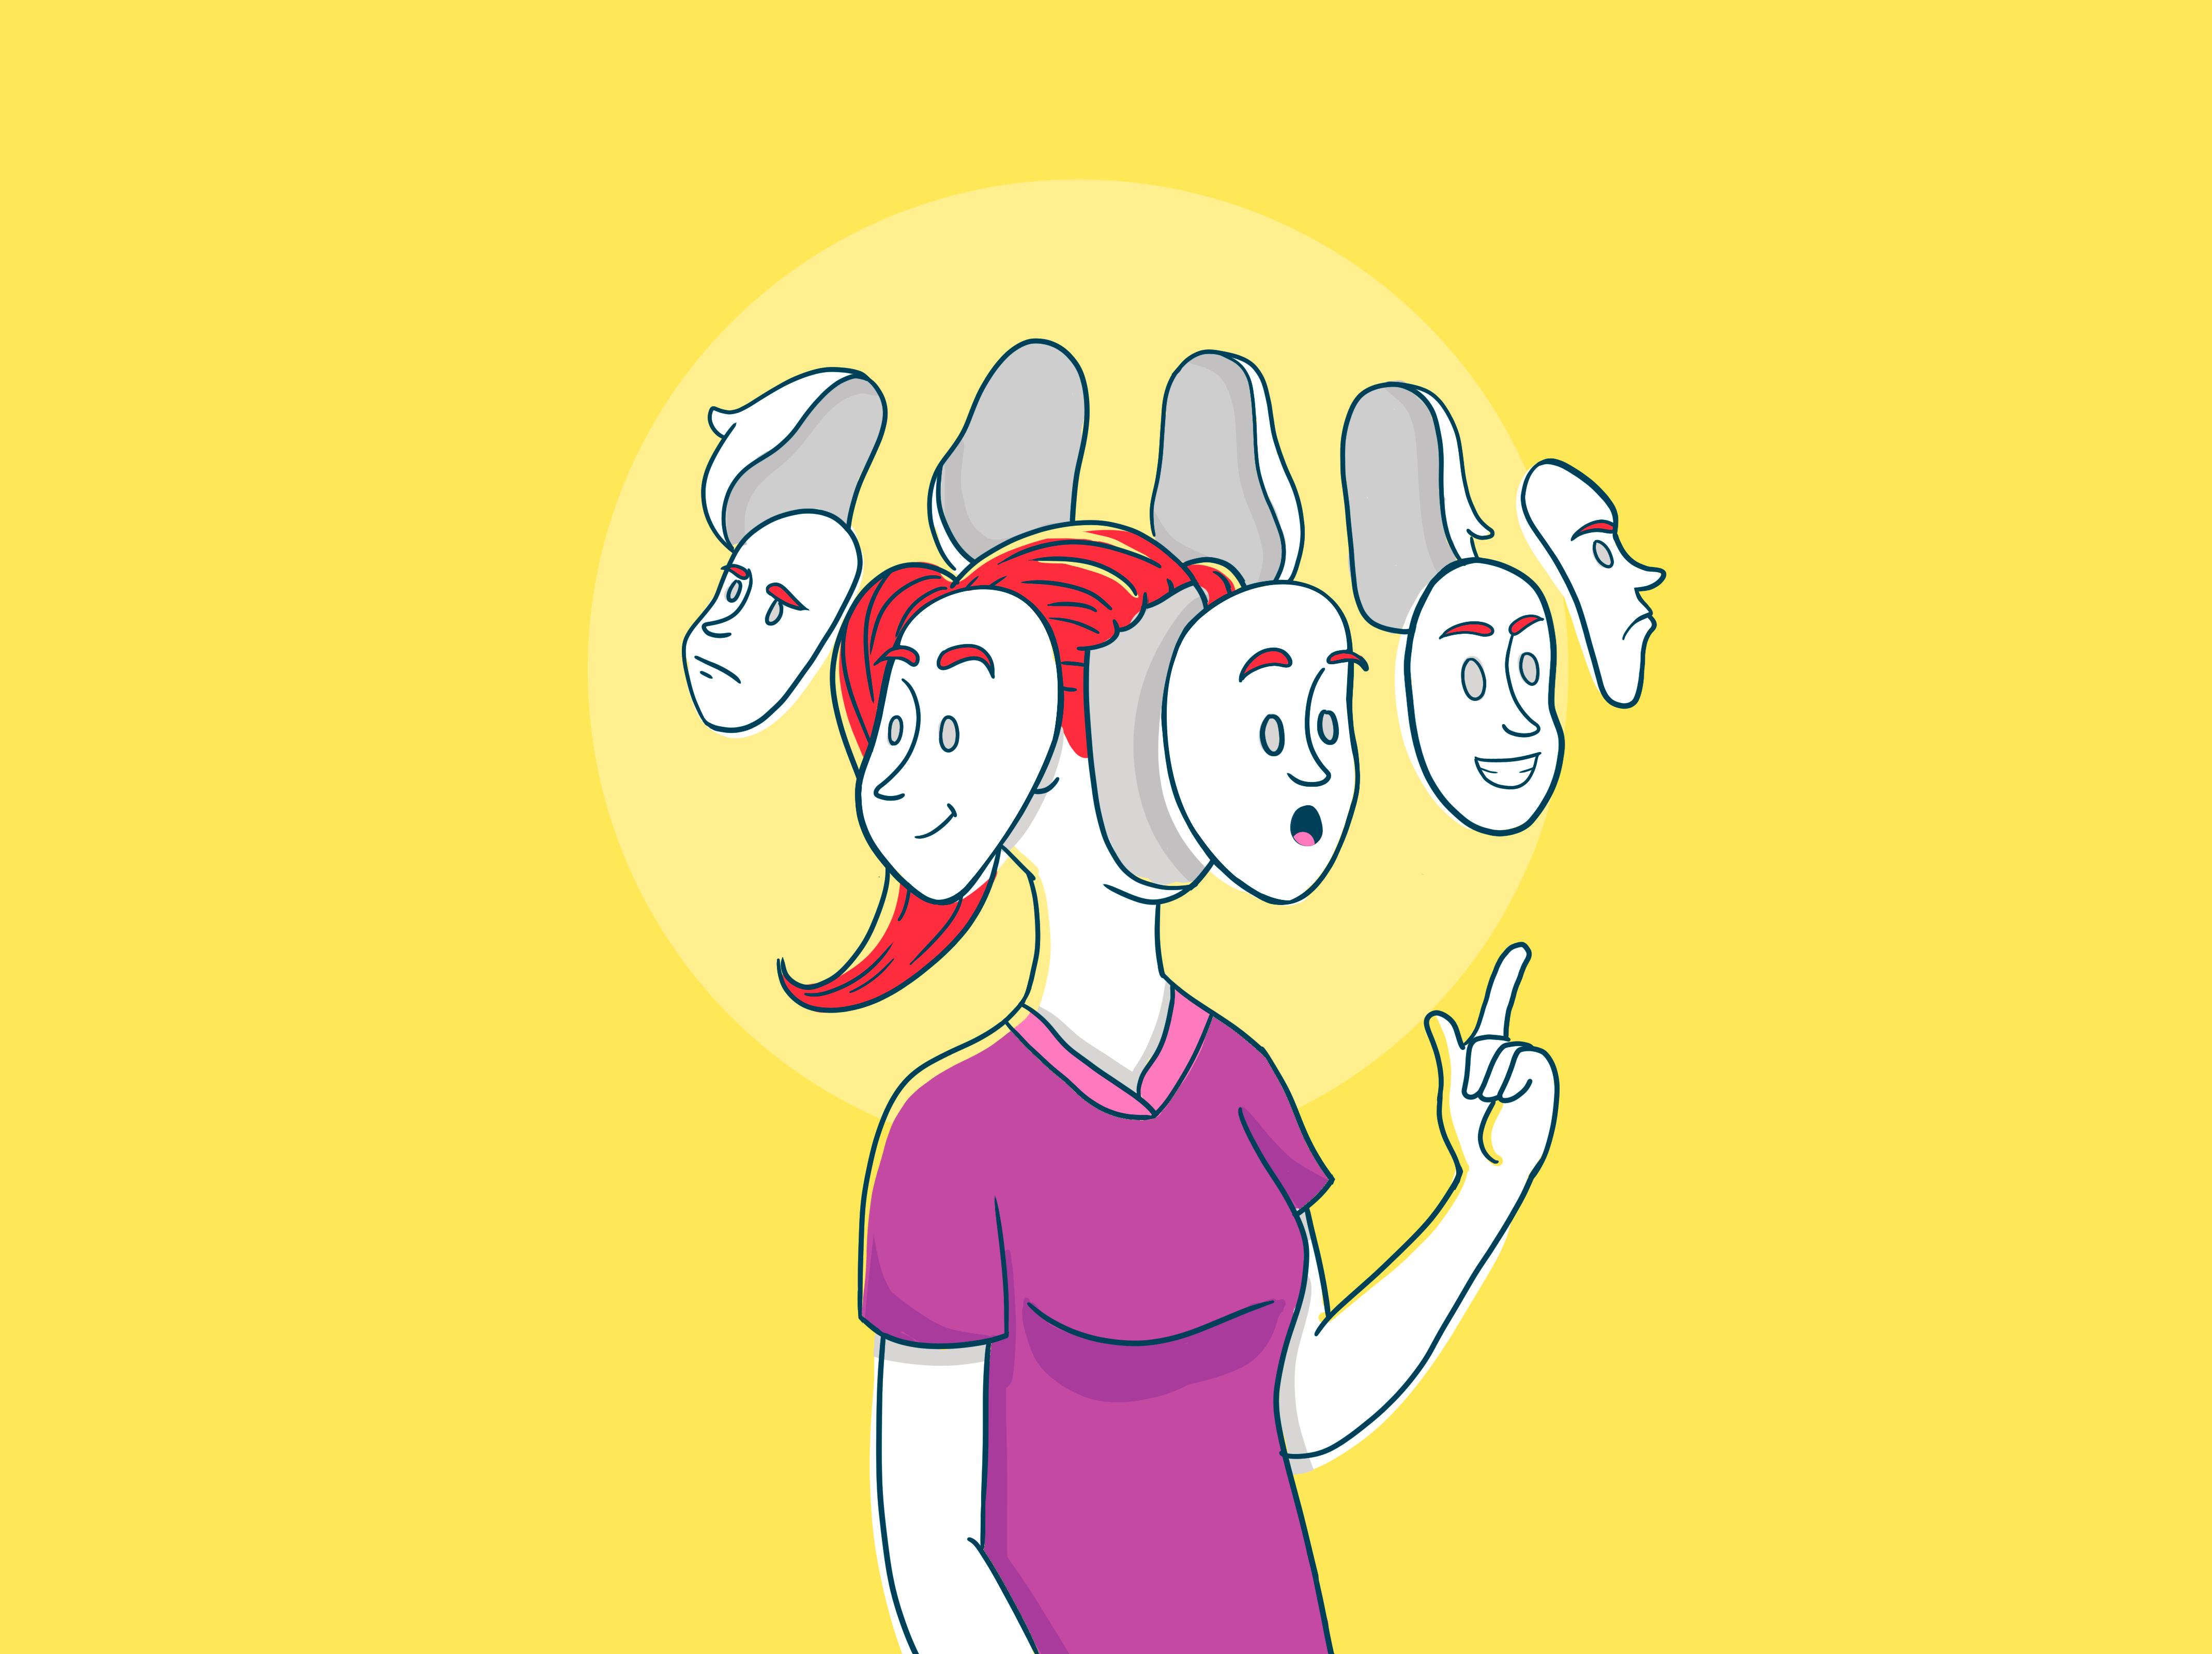 ilustração jovem com várias facetas